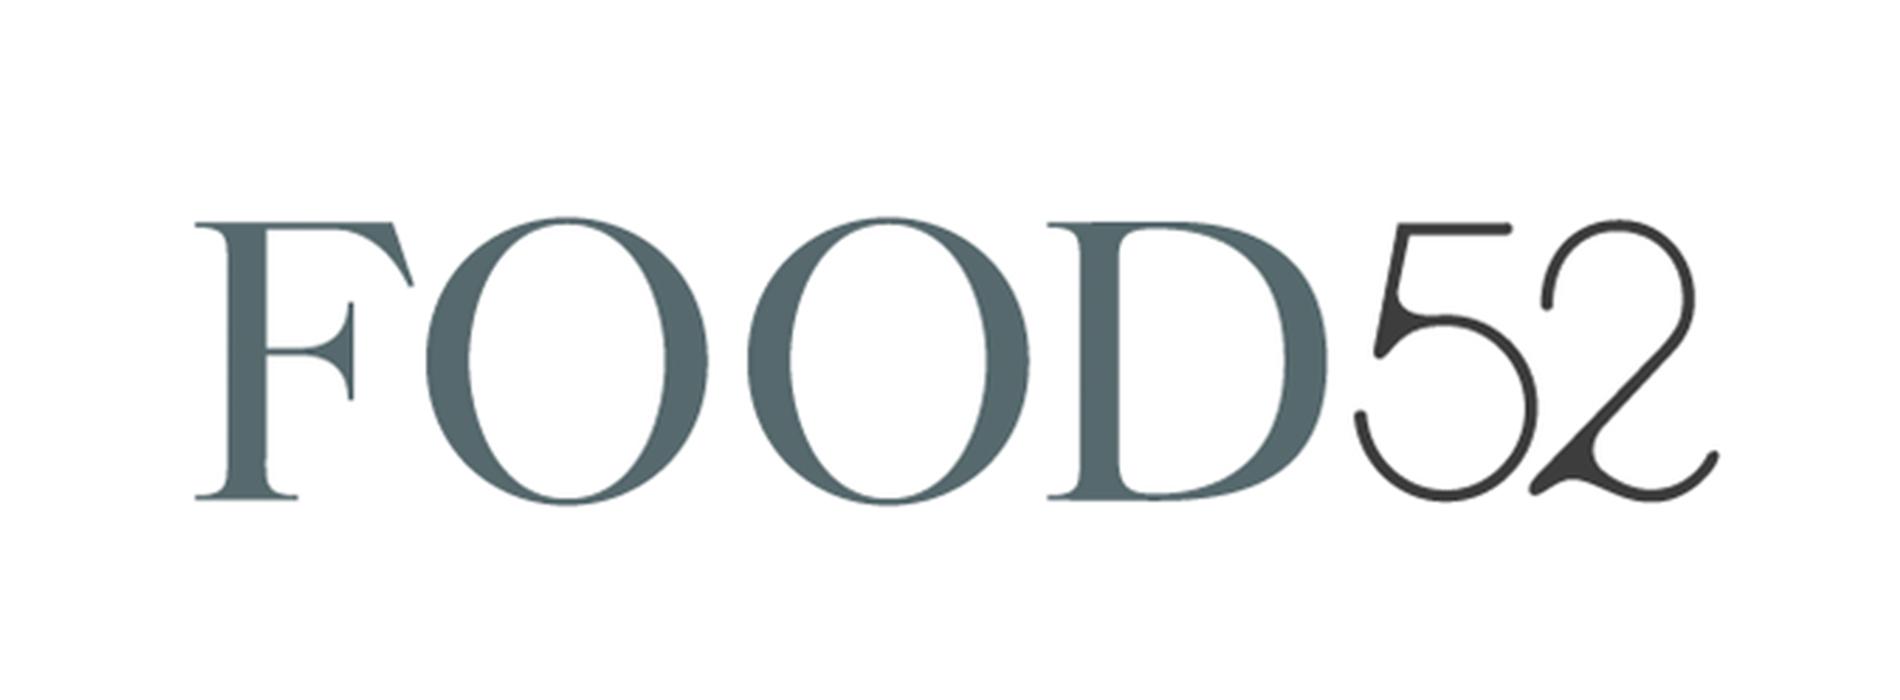 food52.jpg